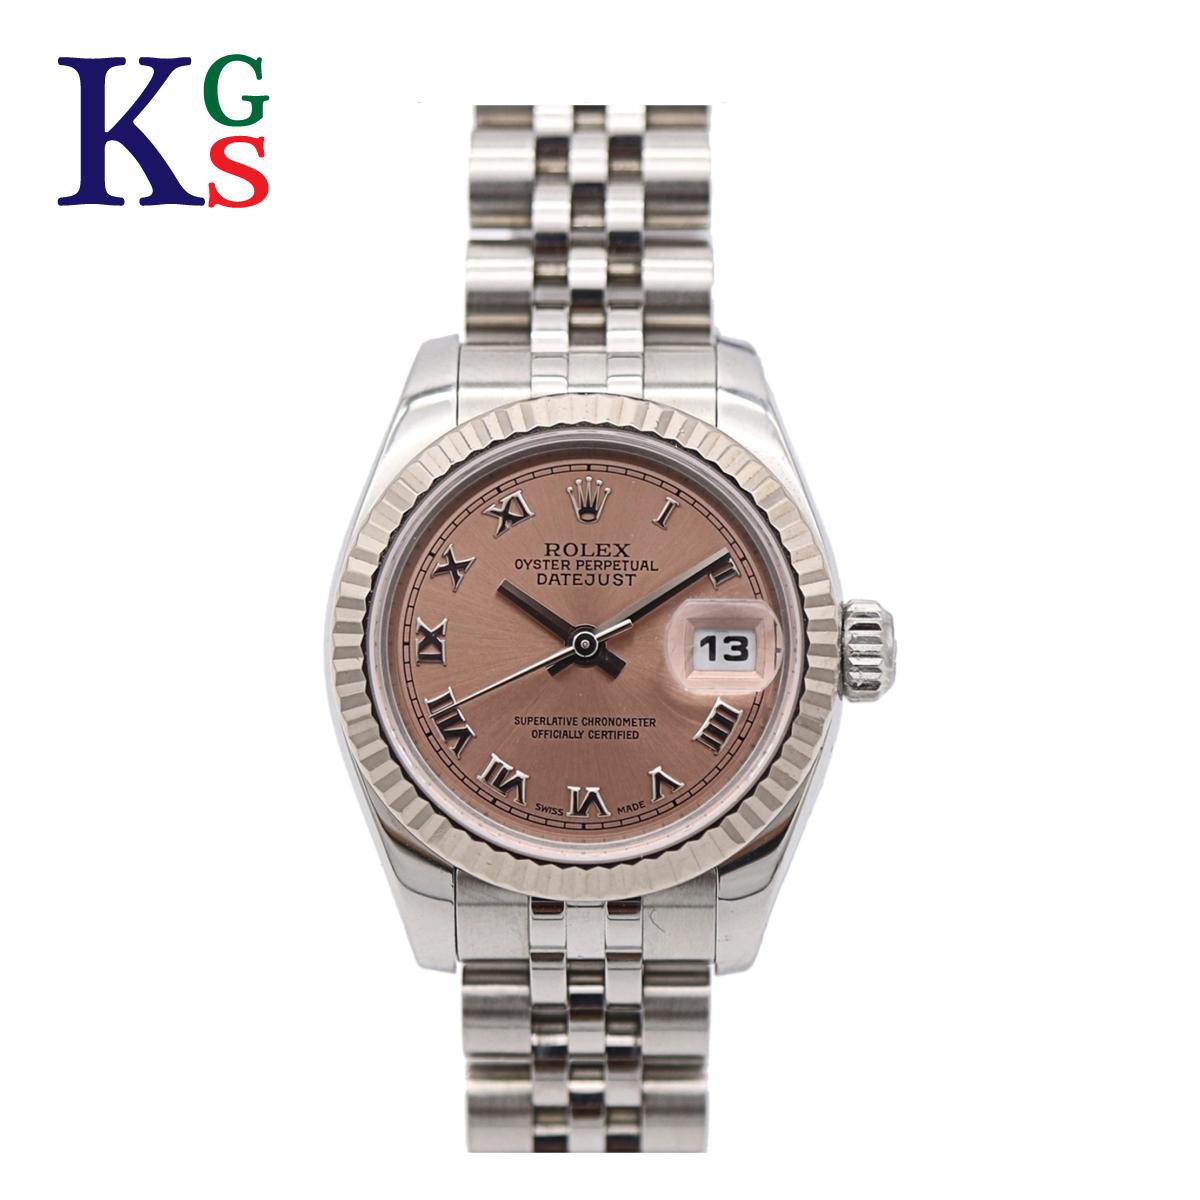 【ギフト品質】ロレックス/ROLEX レディース 腕時計 デイトジャスト ピンク文字盤 ローマン ステンレススチール×K18WG 自動巻き 179174